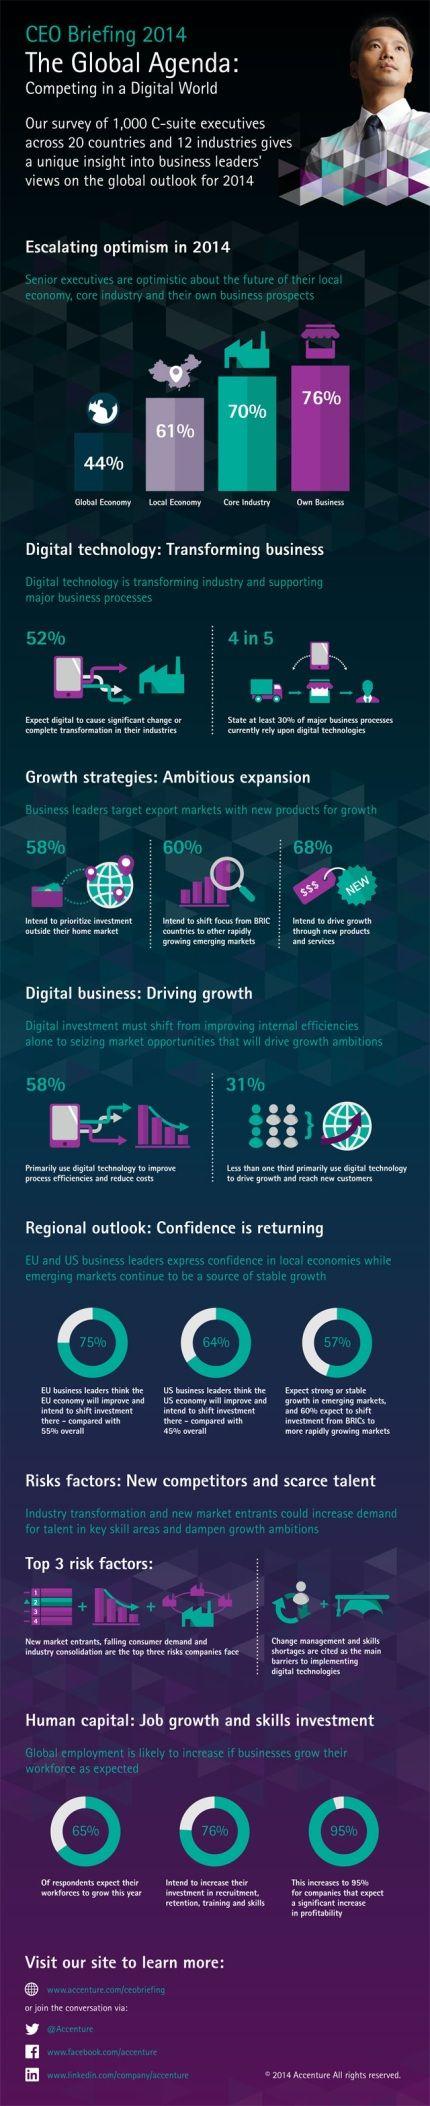 2014 - En route pour la transformation numérique